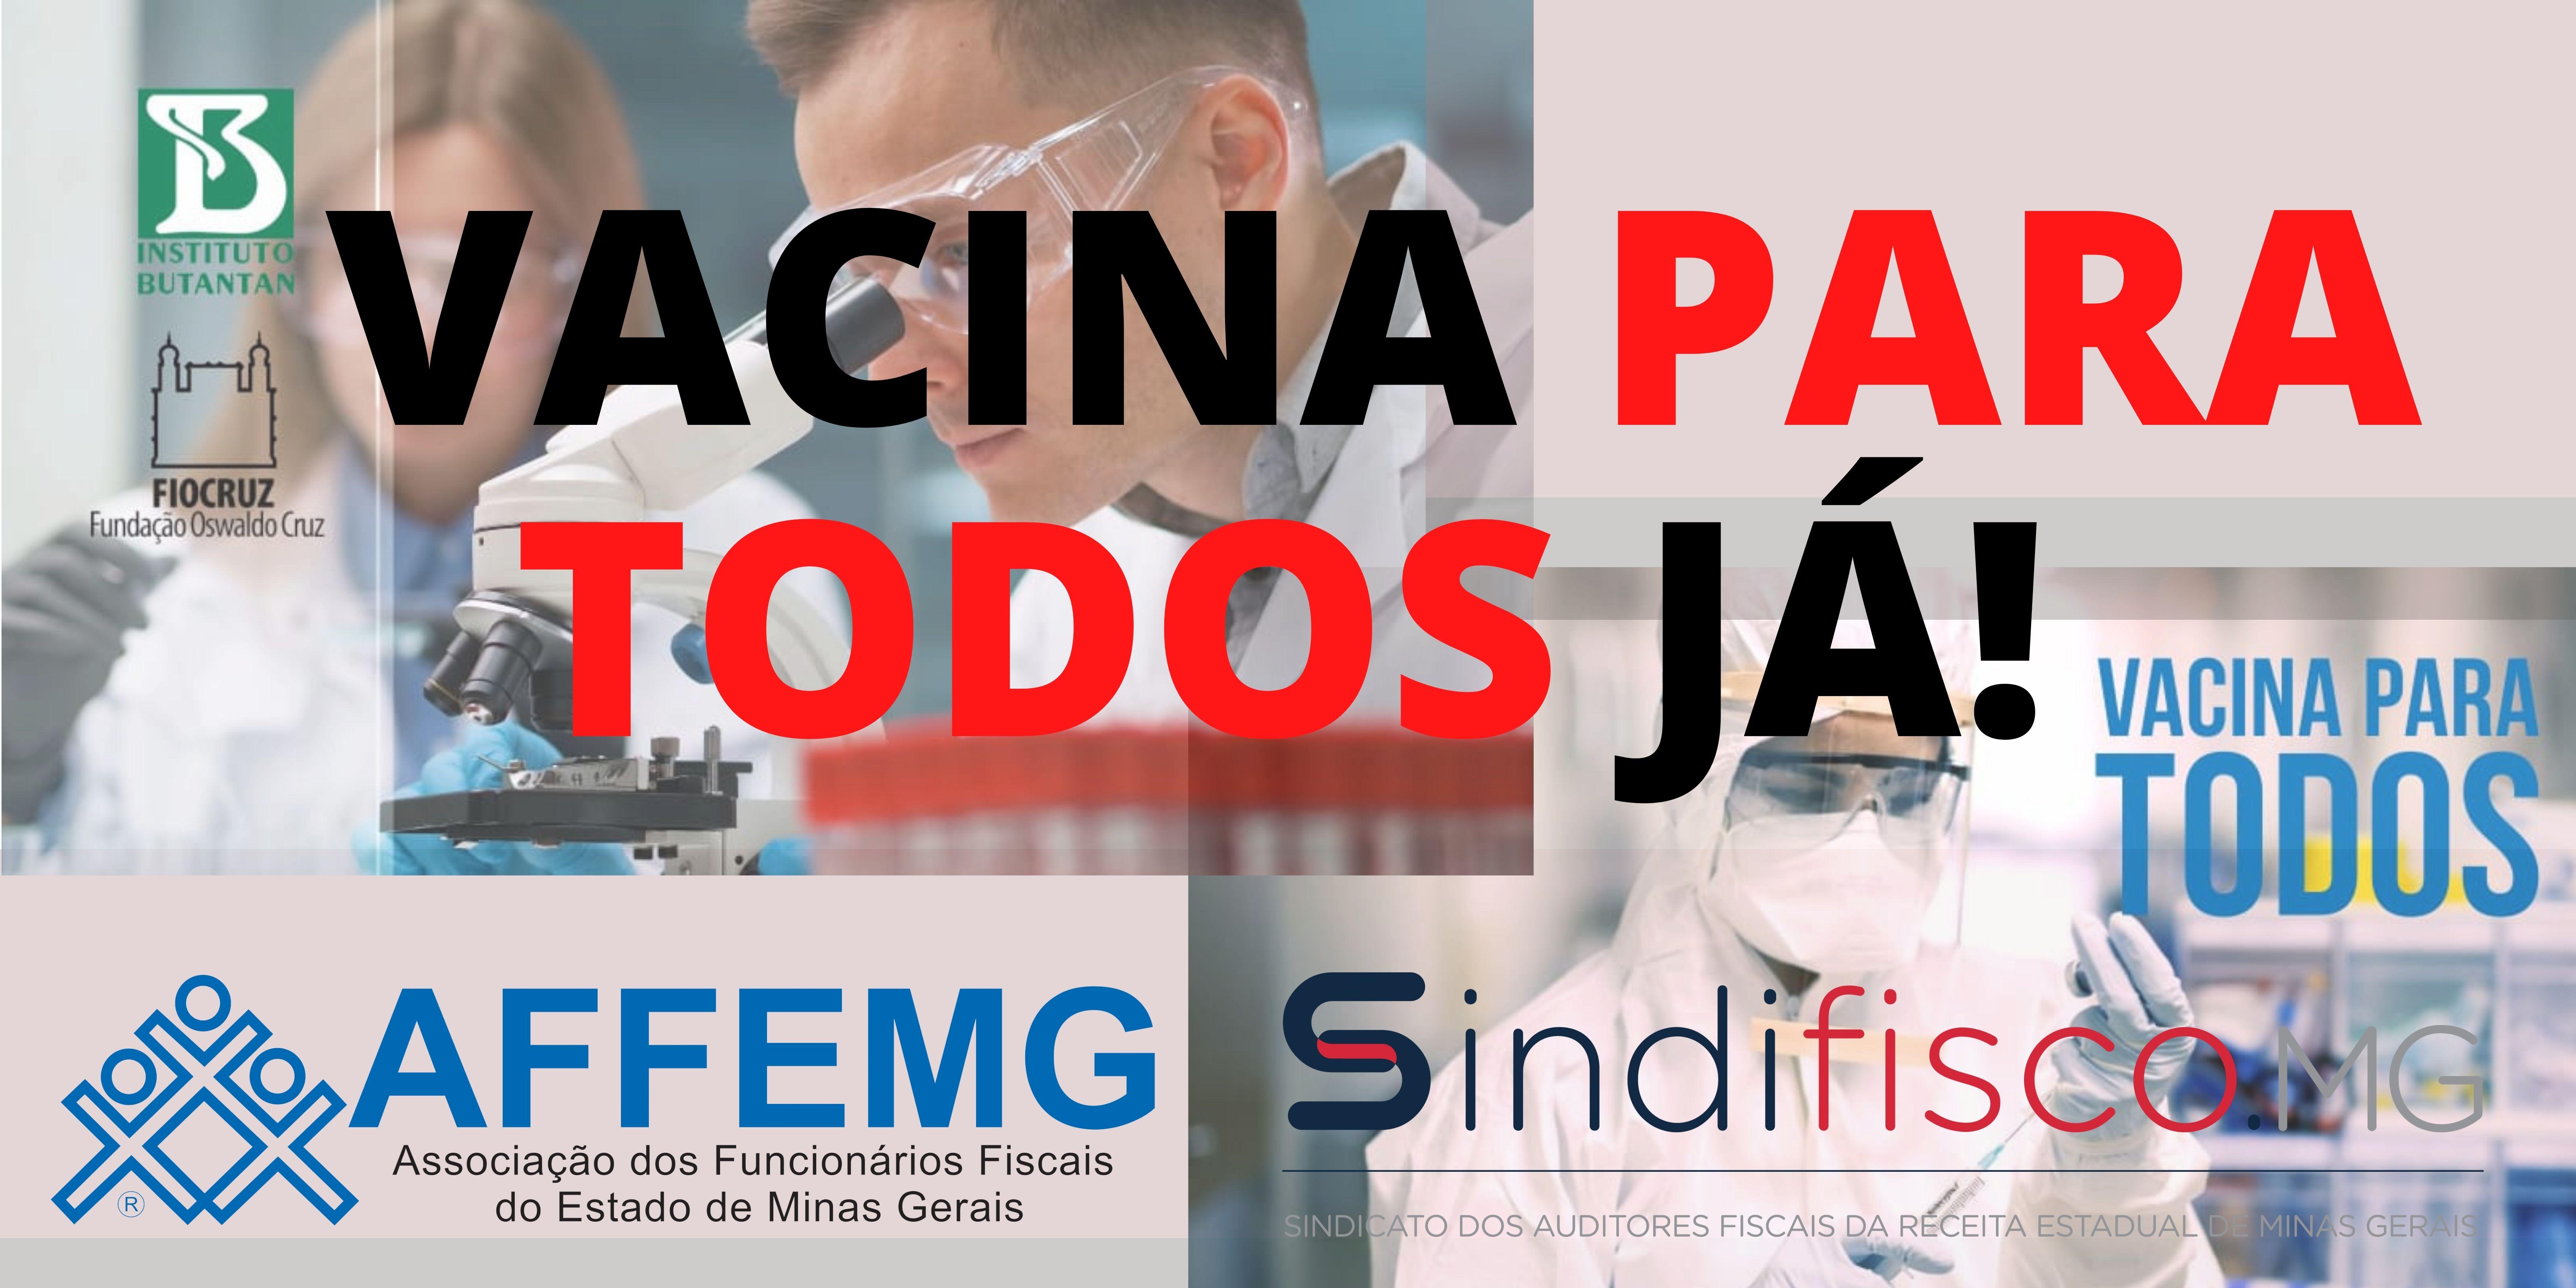 Entidades lançam campanha e exigem vacina para todos